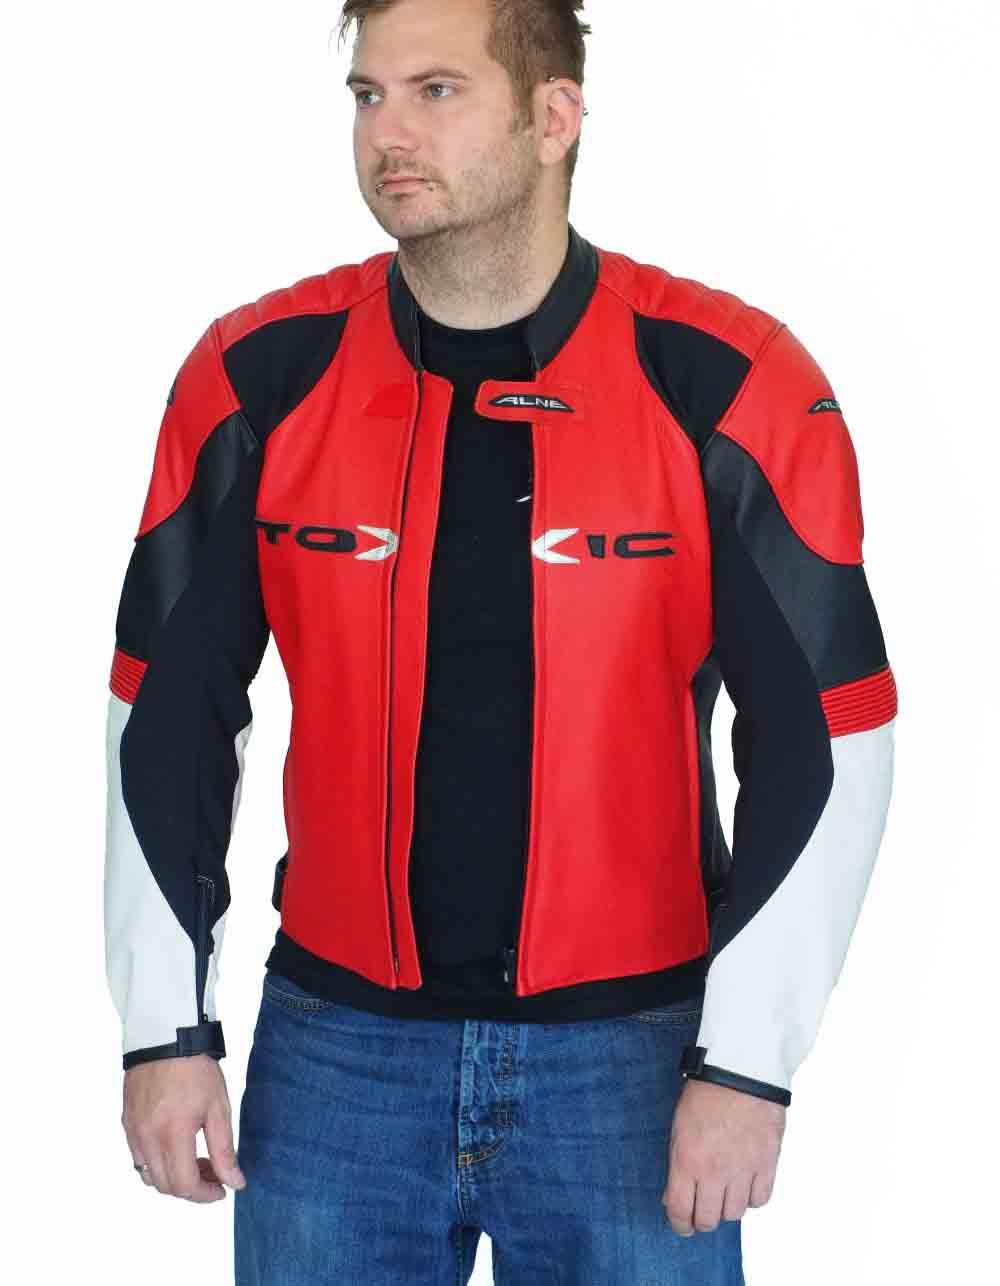 Streetfighter Motorradjacke